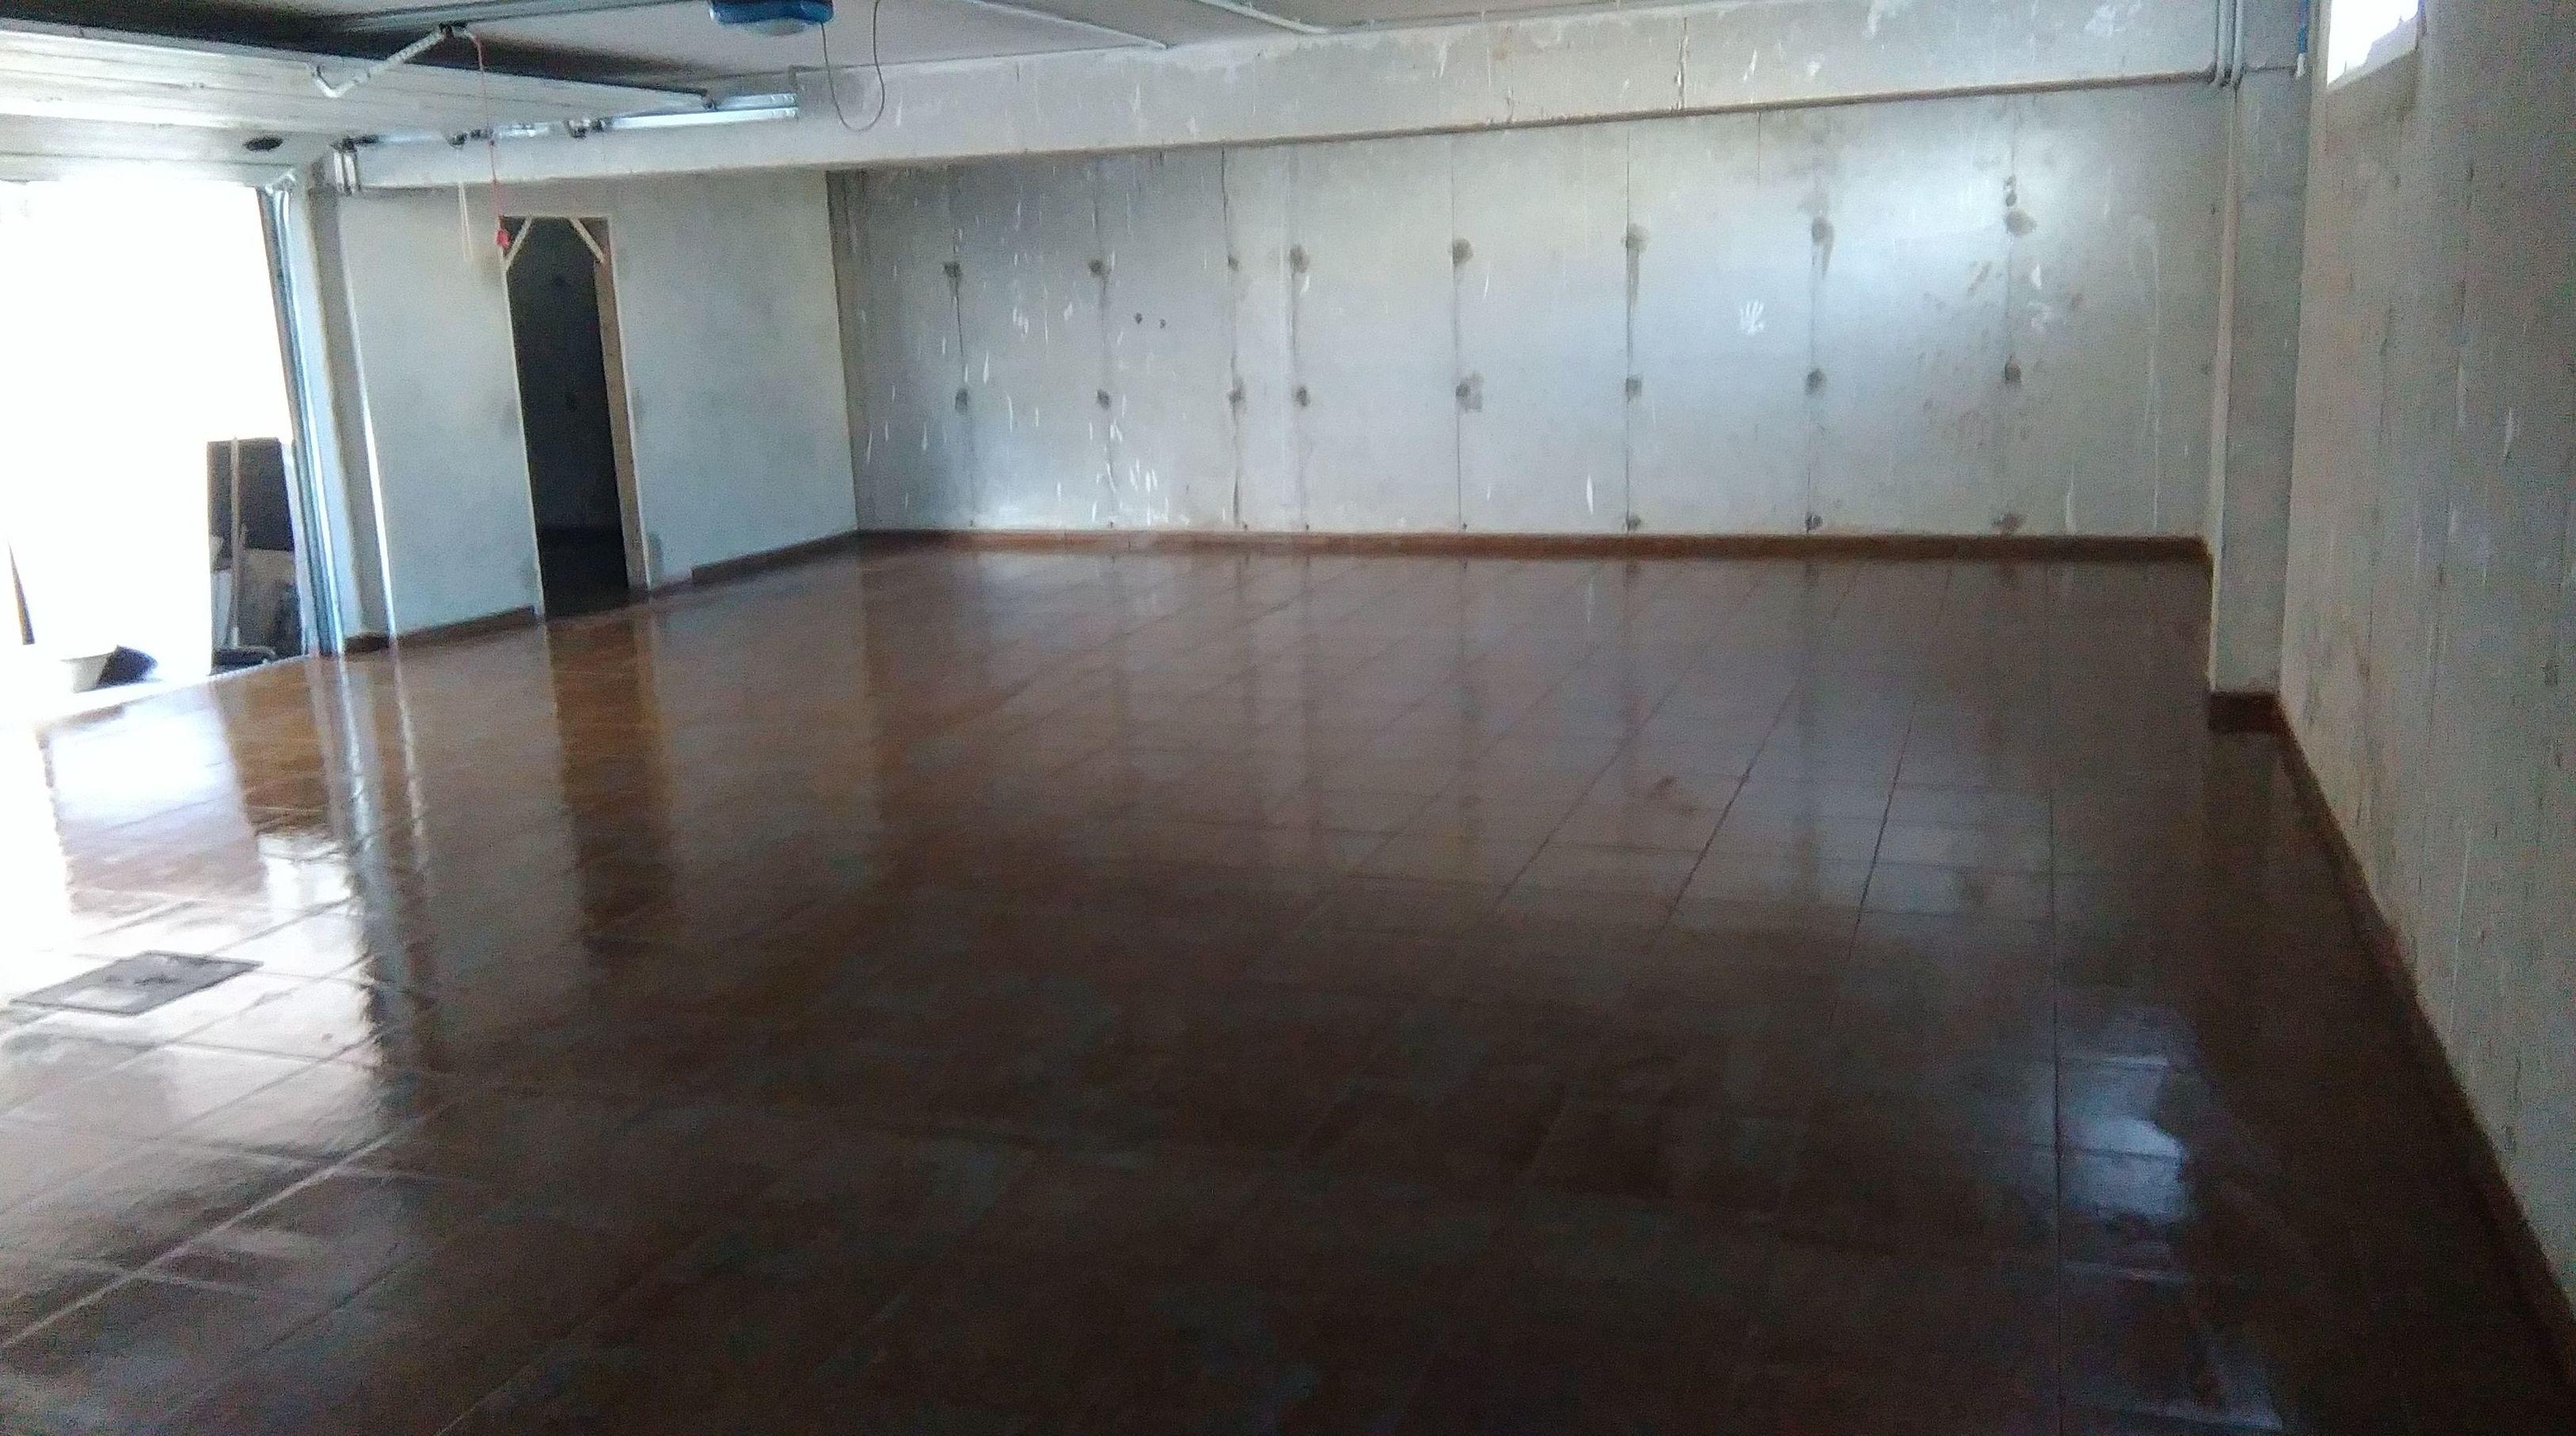 pavimento de gres en garaje